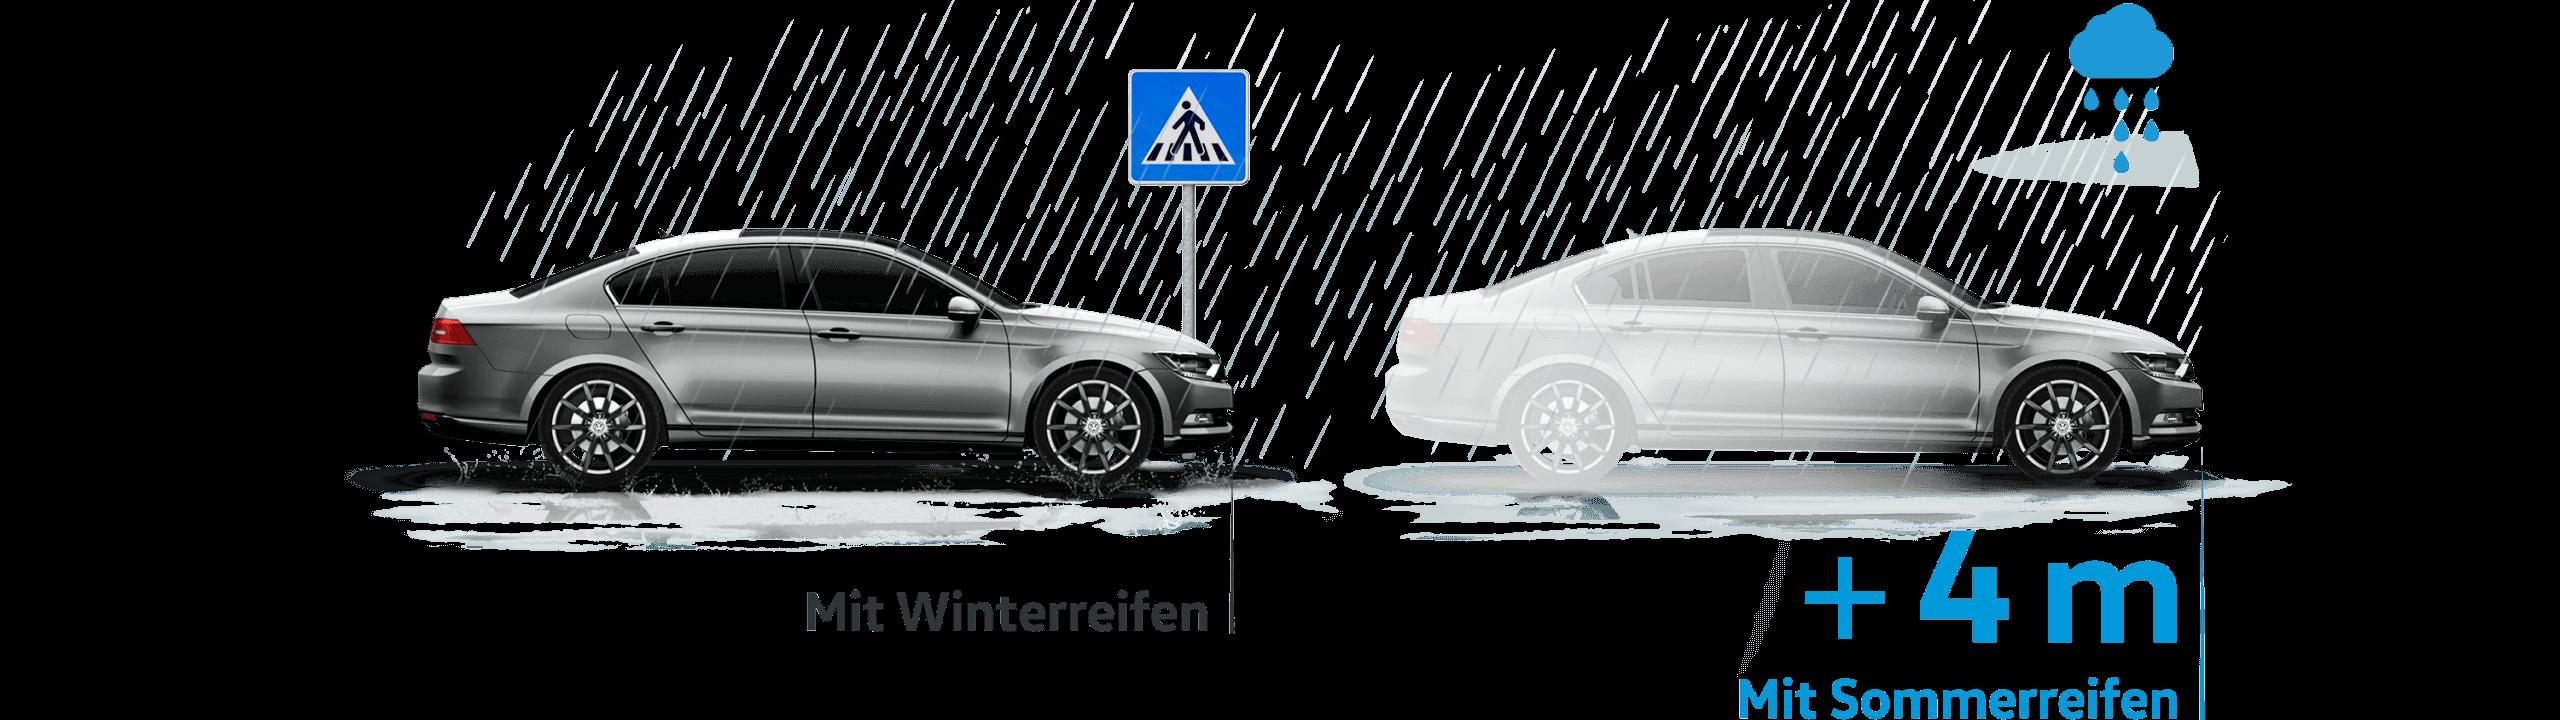 Der Bremsweg bei 90 km/h auf einer nassen Fahrbahn. Testbedingungen unter 10 °C, Quelle: Touring Club Schweiz.